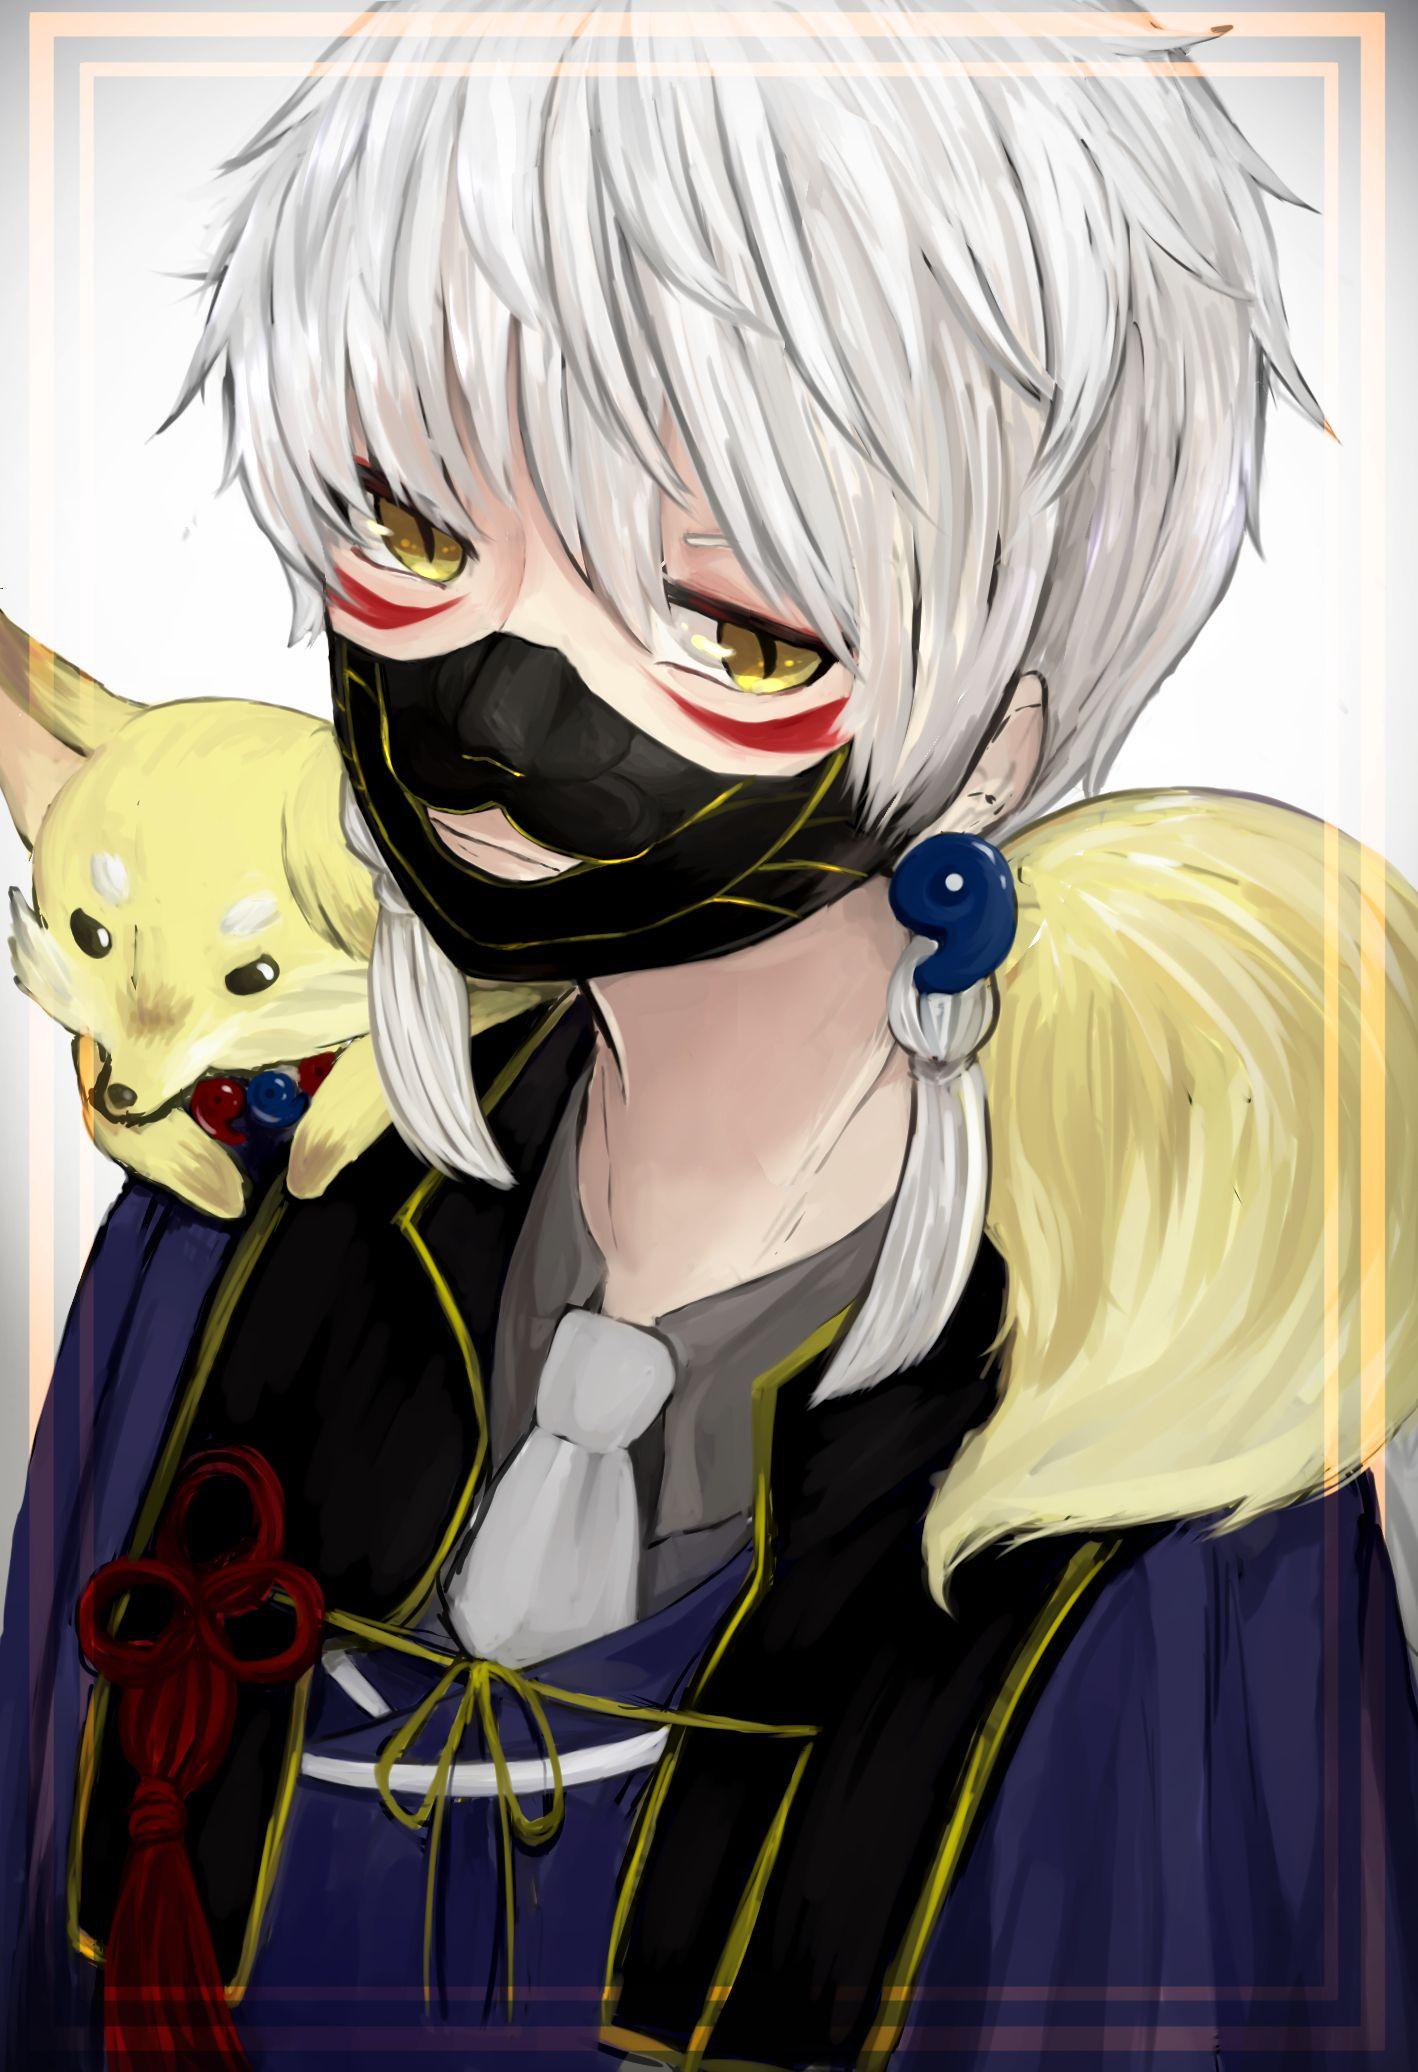 Touken Ranbu, Nakigitsune Touken Ranbu   アニメ, 鳴狐, 可愛い